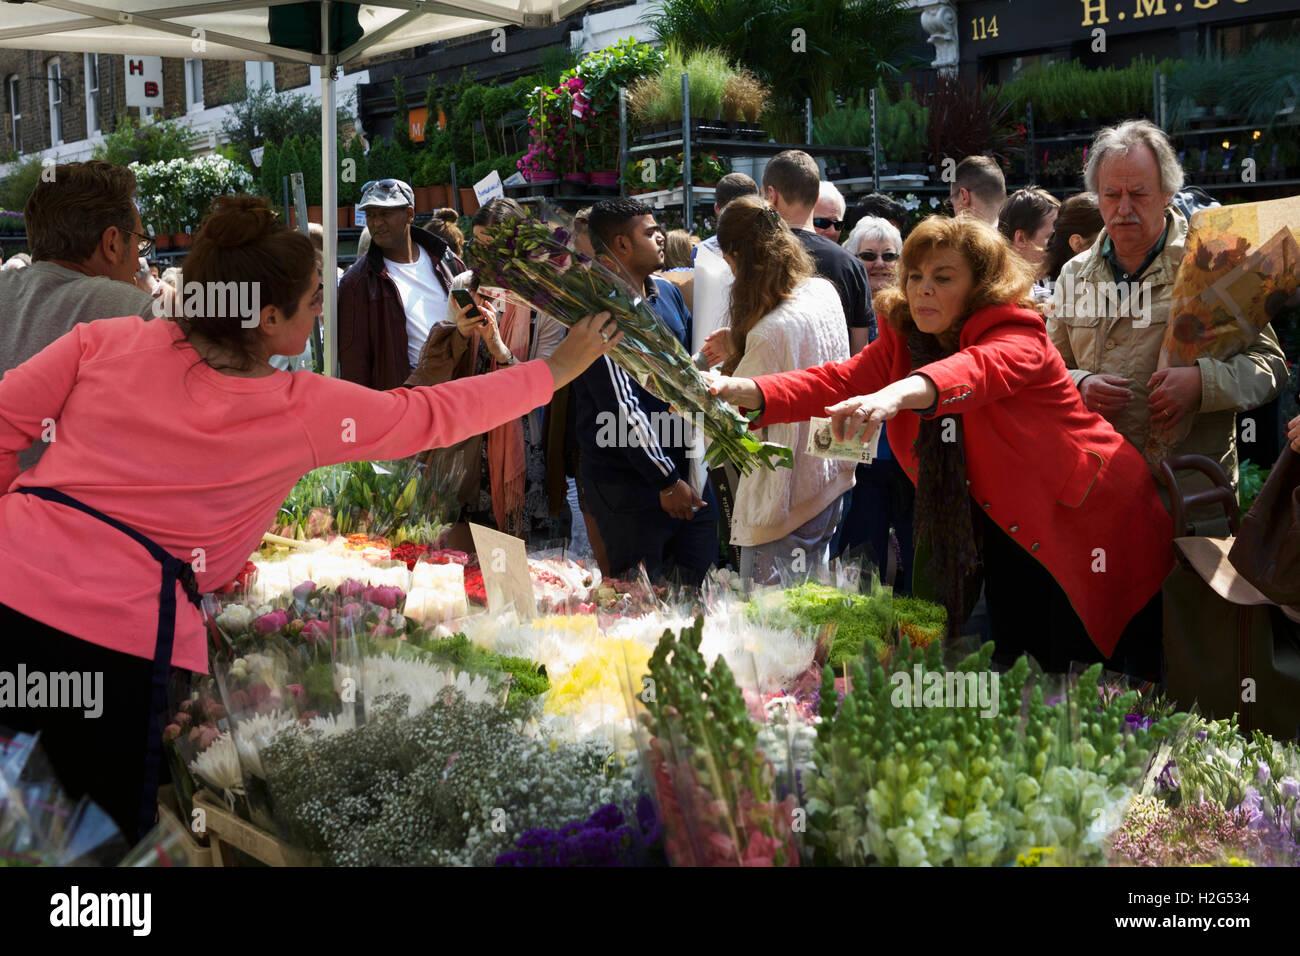 Columbia Road Flower Market, Londres, Angleterre, Royaume-Uni. Commerçant rue vente de fleurs, client payer Photo Stock